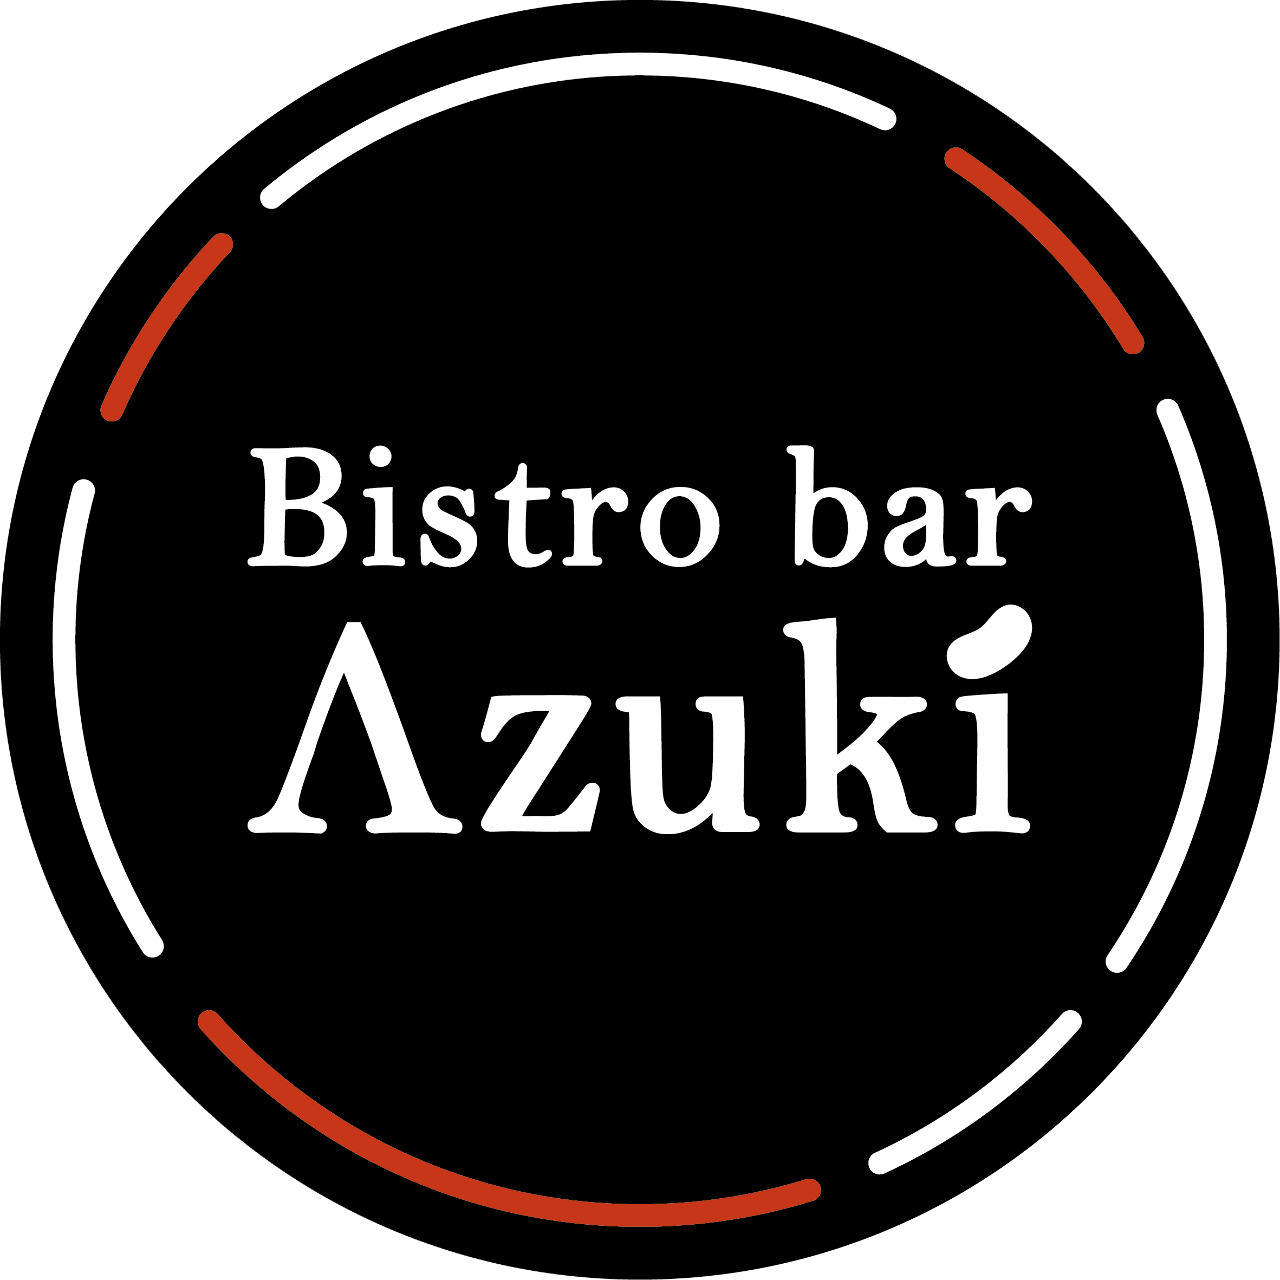 フランス、スペイン料理を中心にナチュラルを楽しめる居酒屋